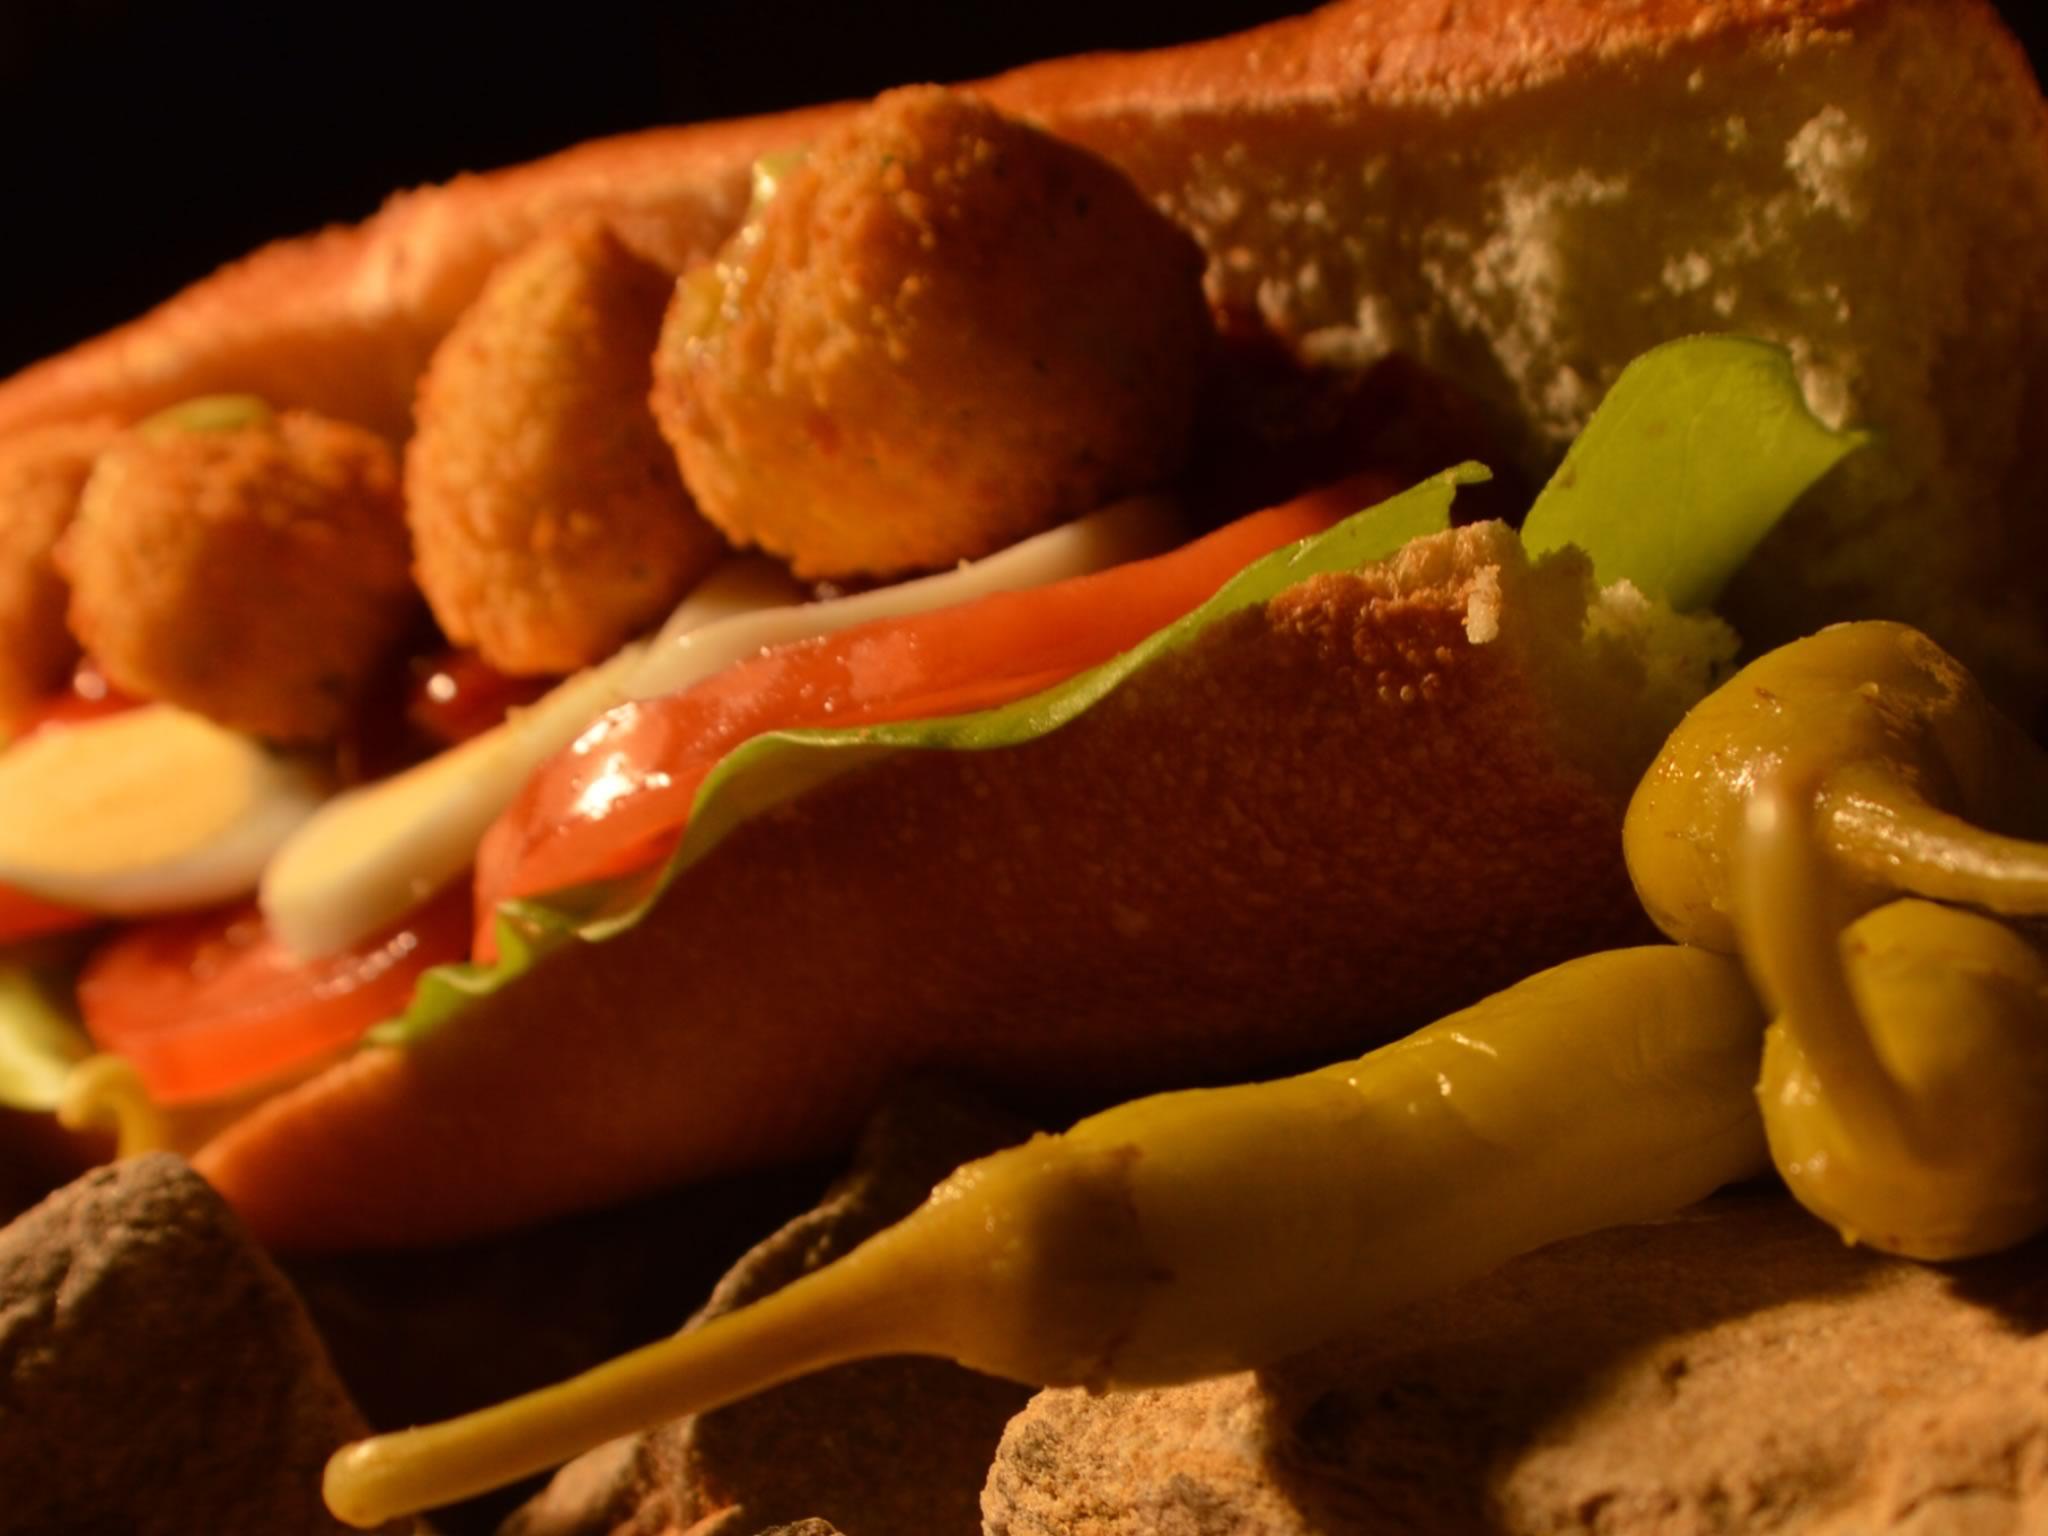 Chilicheeseburger